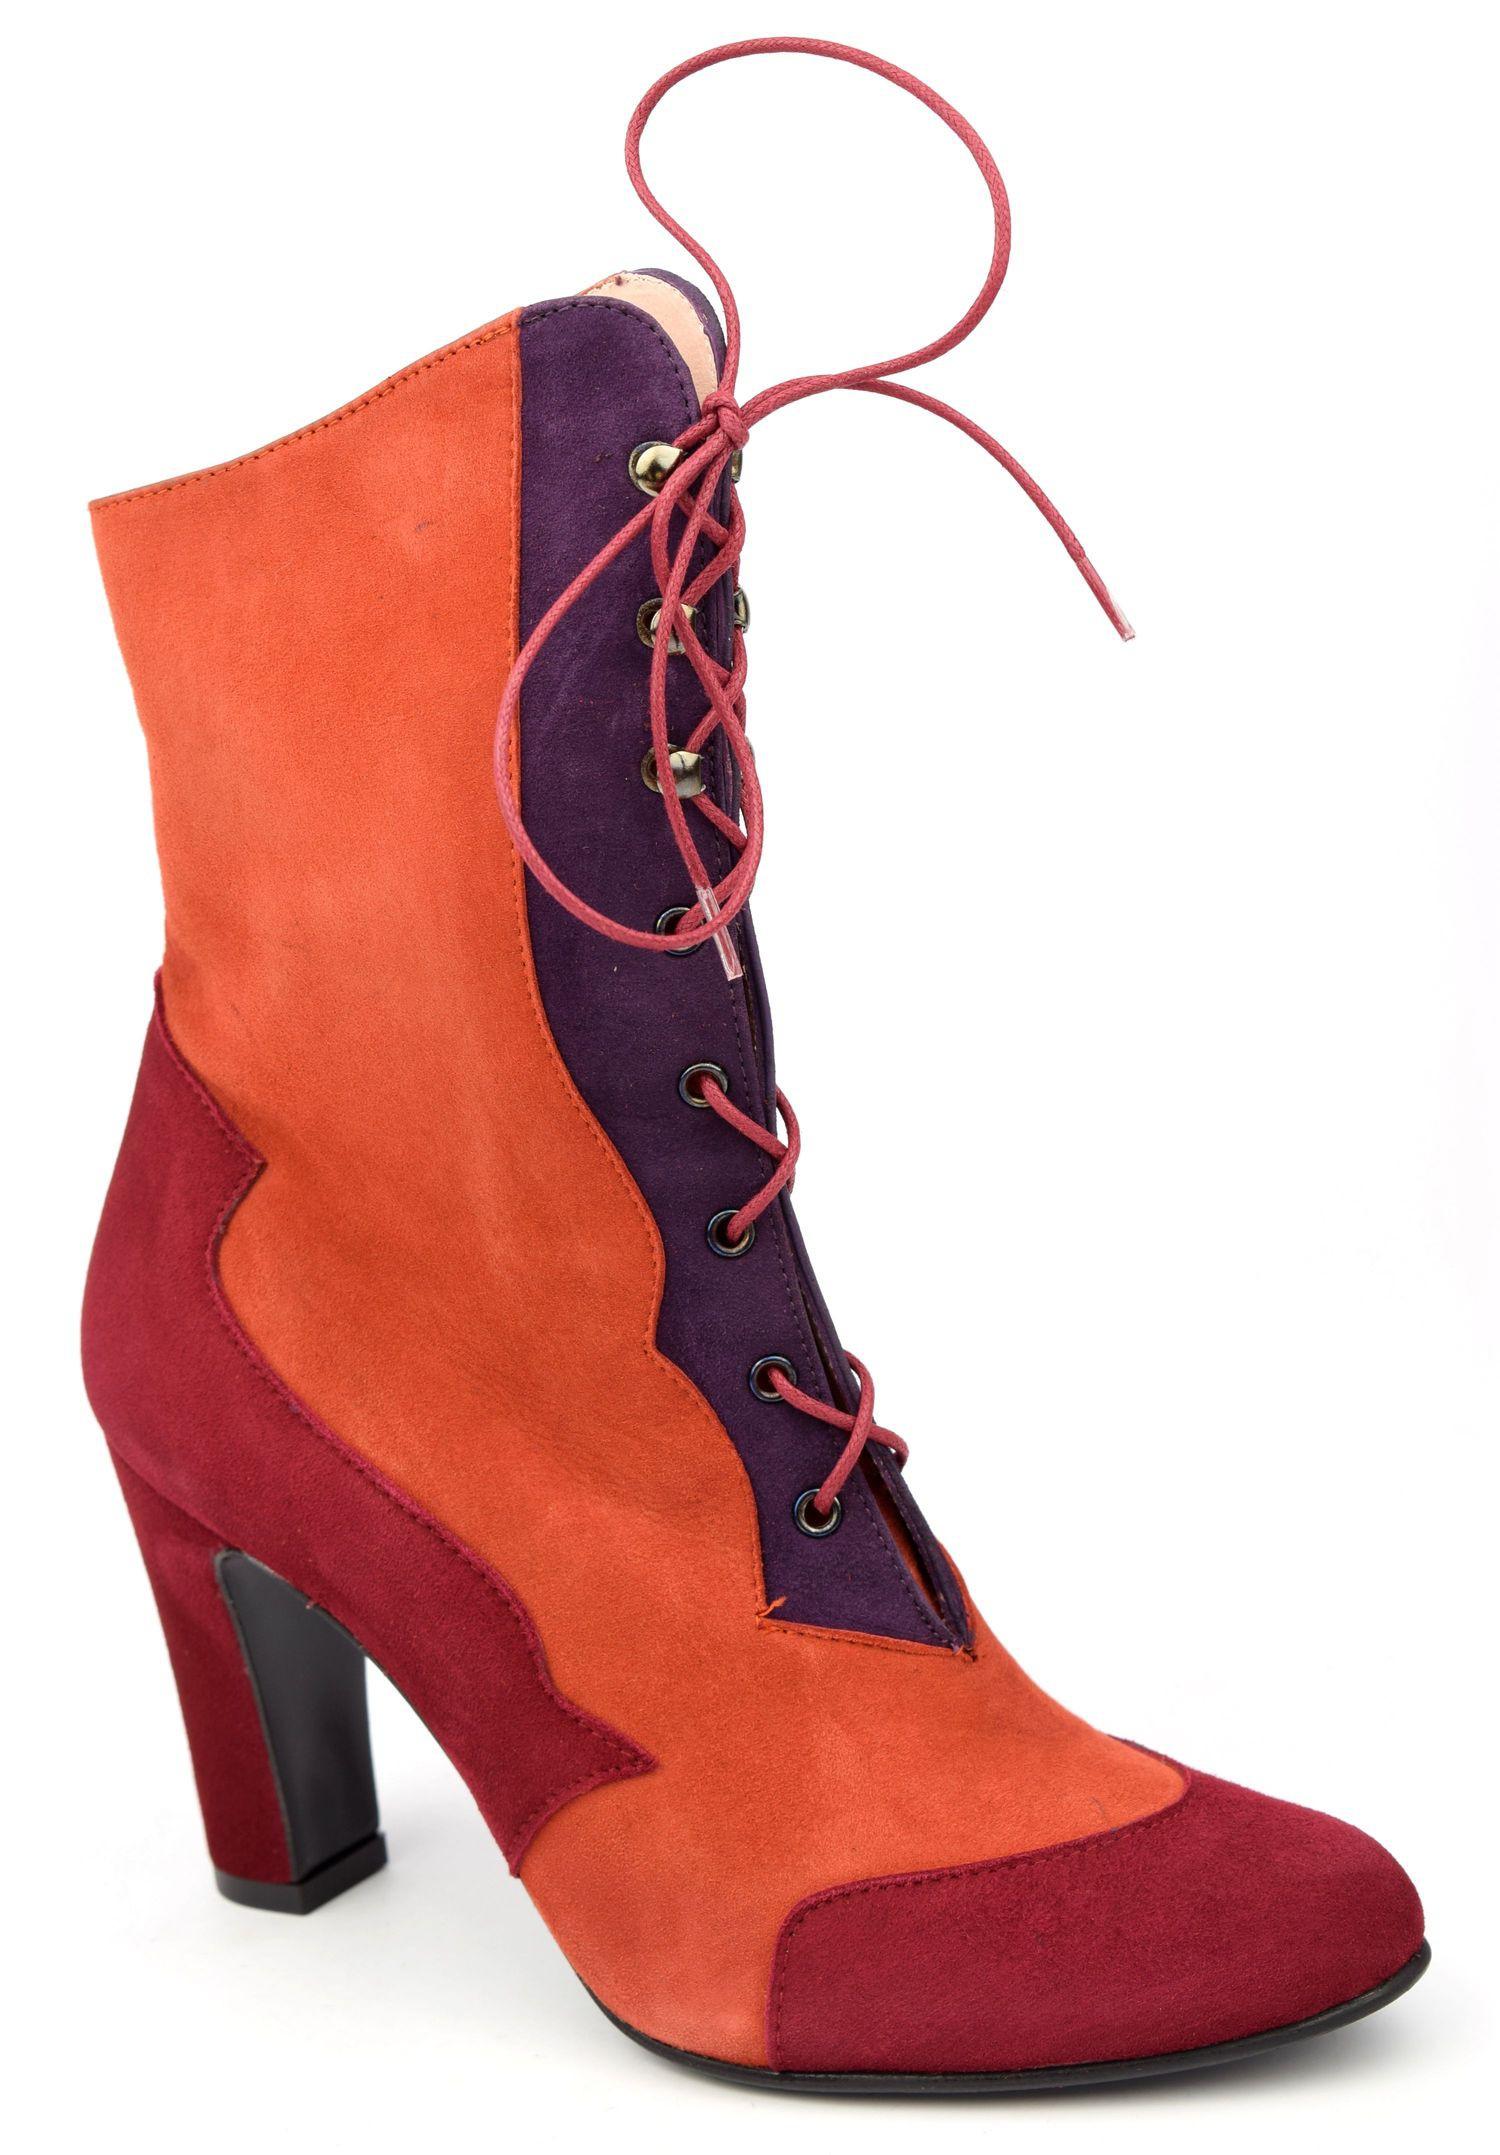 Bottines, lacets, cuir daim, tricolores rouge,orange,violet, Yves de  Beaumond, femmes petites pointures, Oxford, MI,416 , PETITS SOULIERS